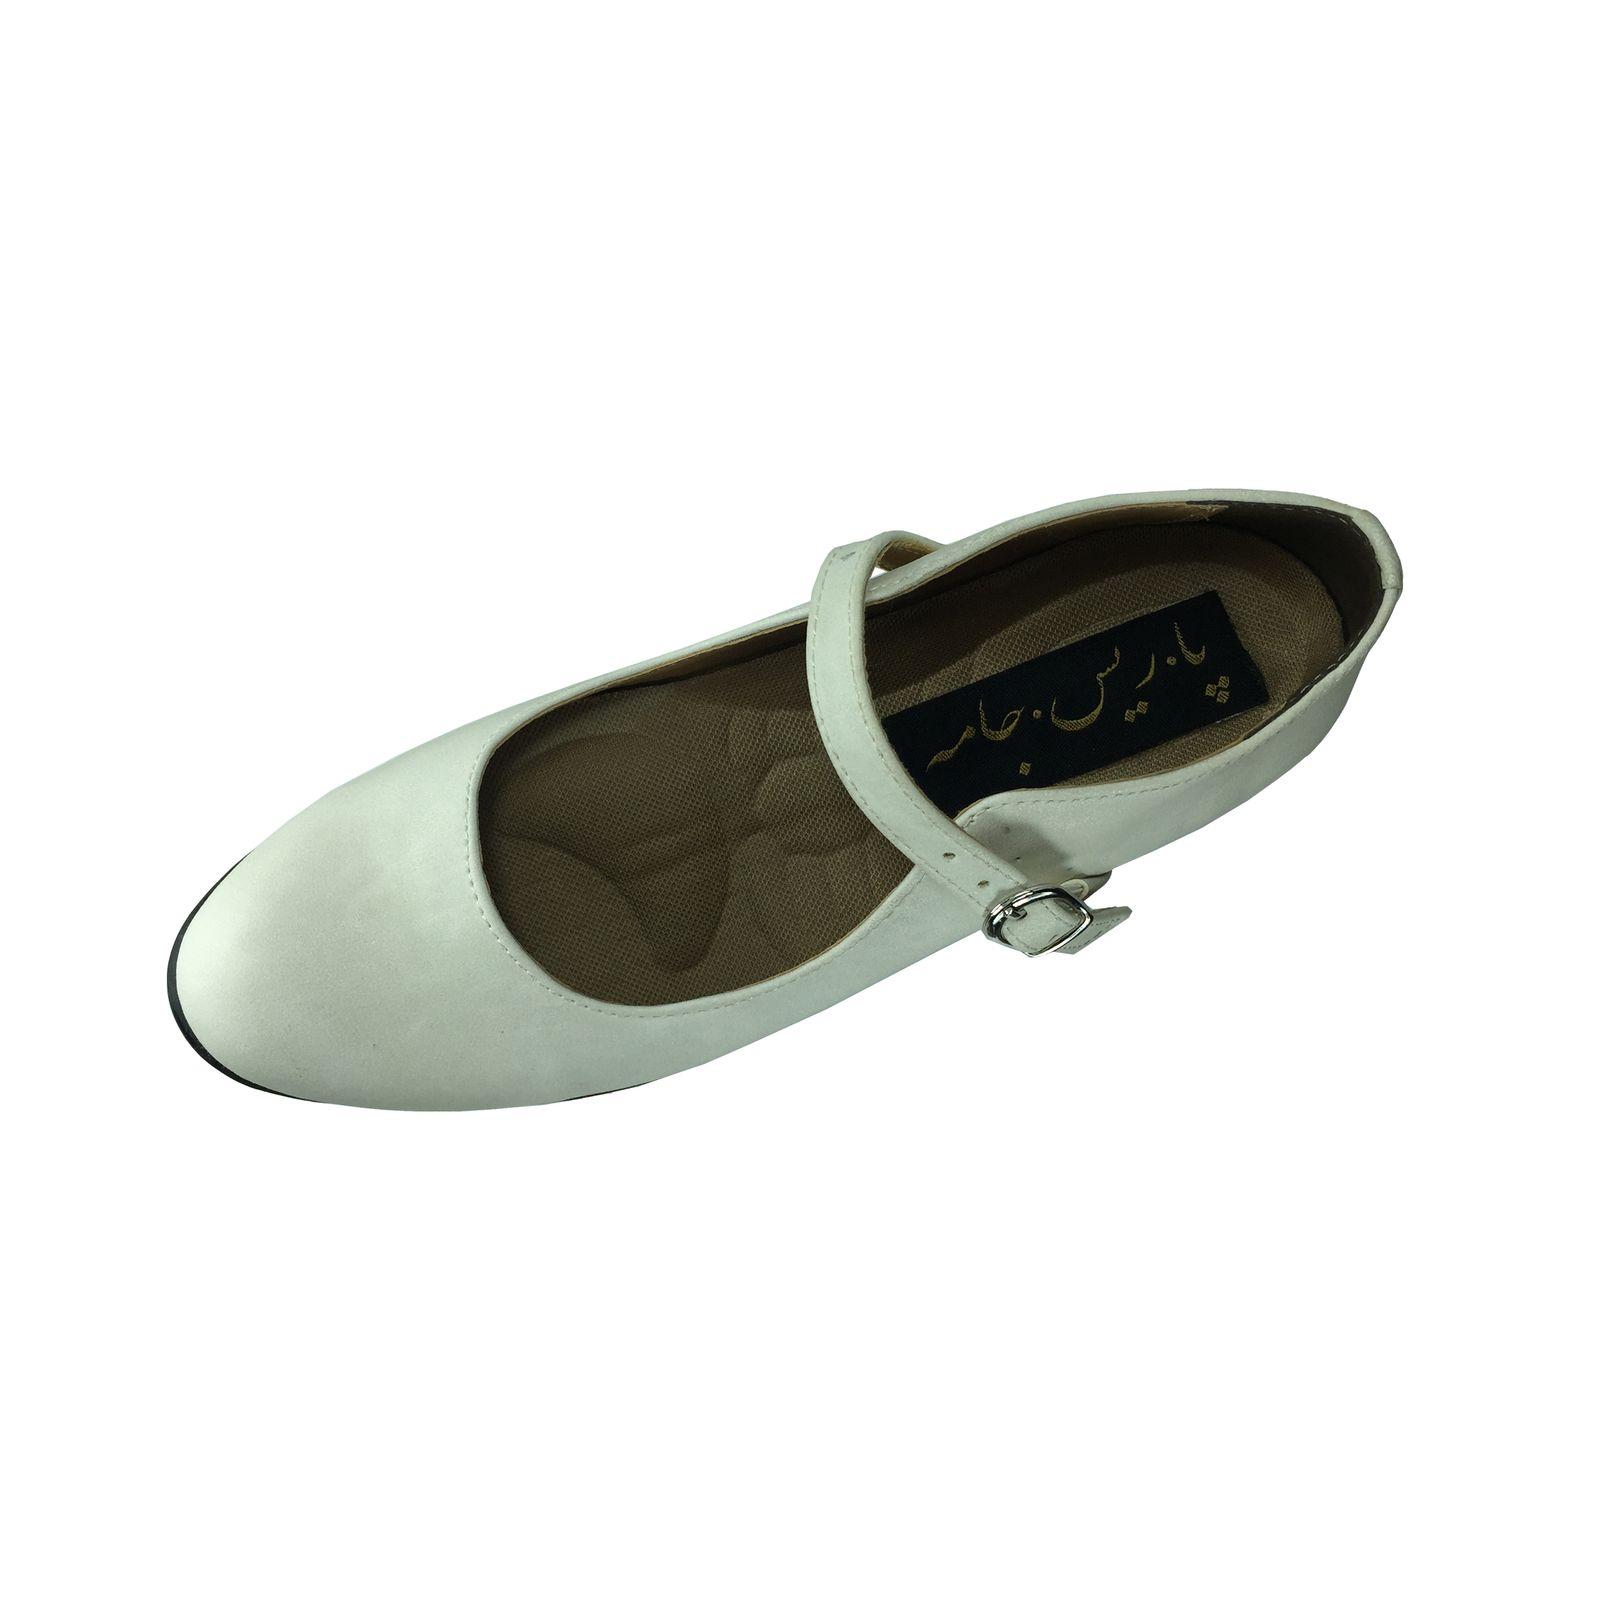 کفش زنانه پاریس جامه مدل B498 -  - 2